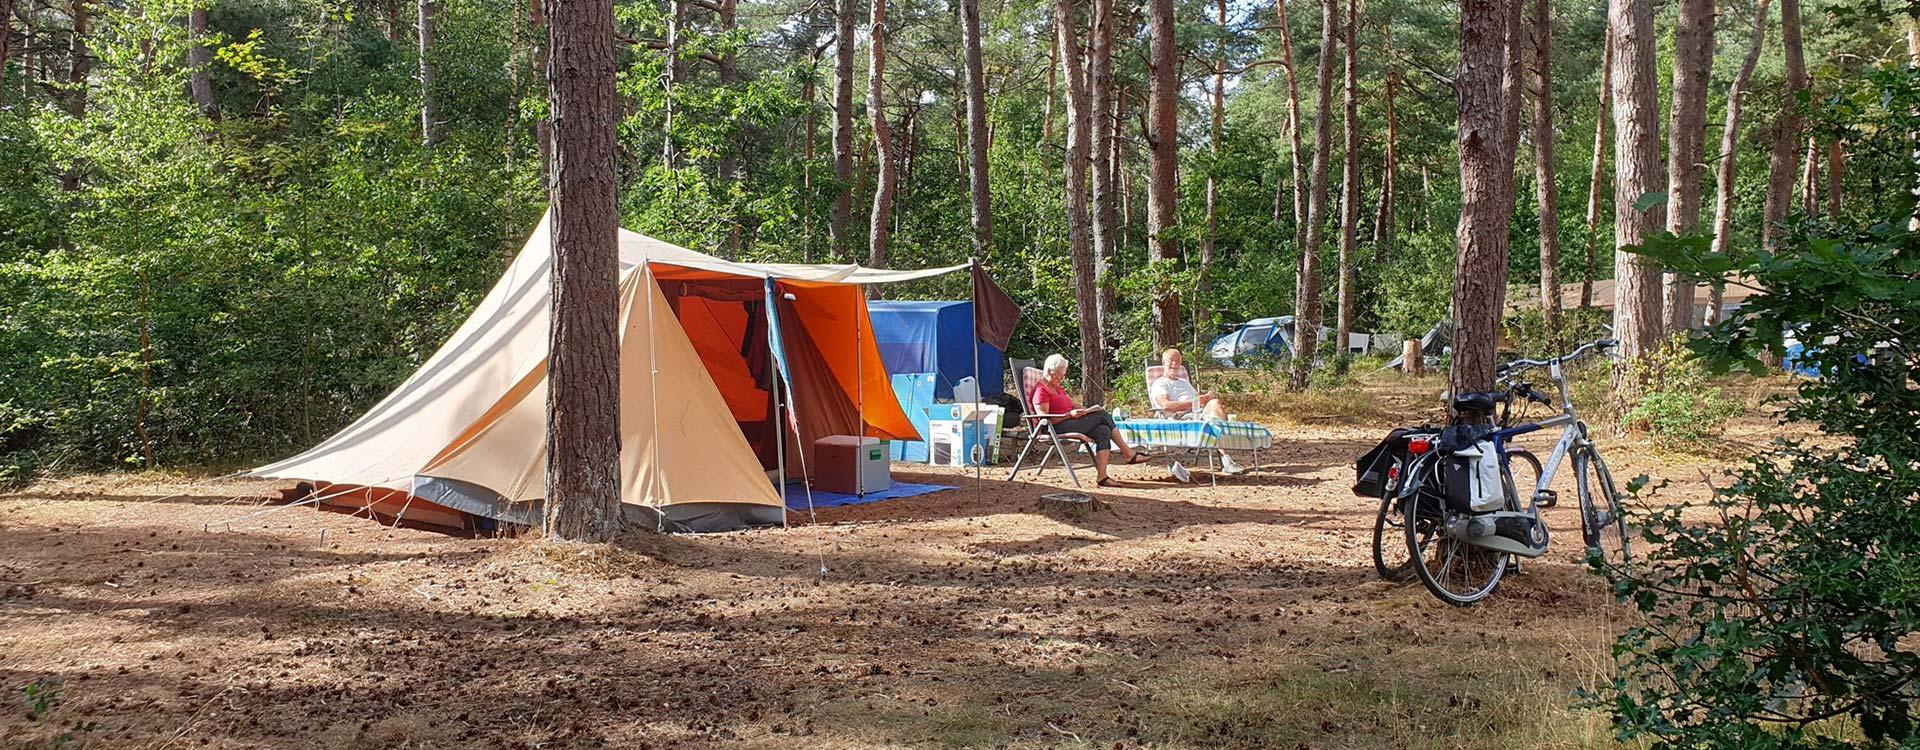 langeloerduinen-ontspannen-in-het-bos-op-onze-camping